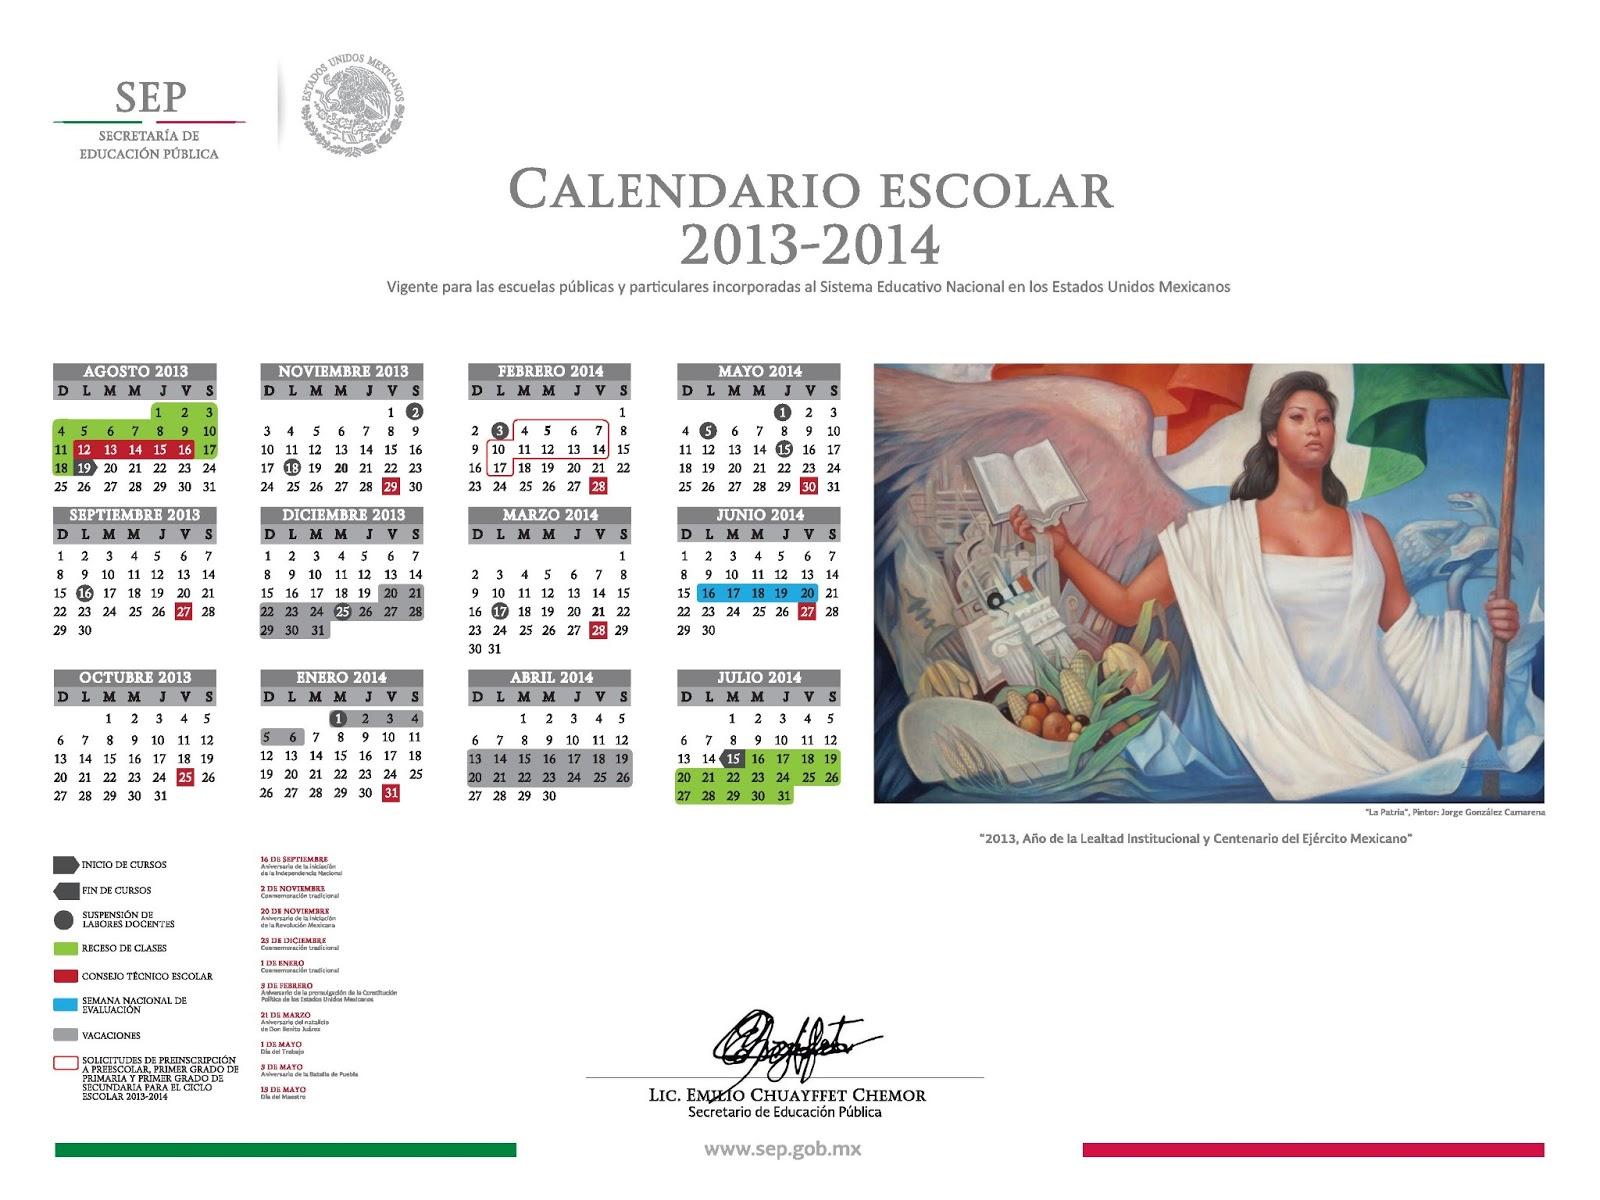 Calendario Escolar 2013 - 2014